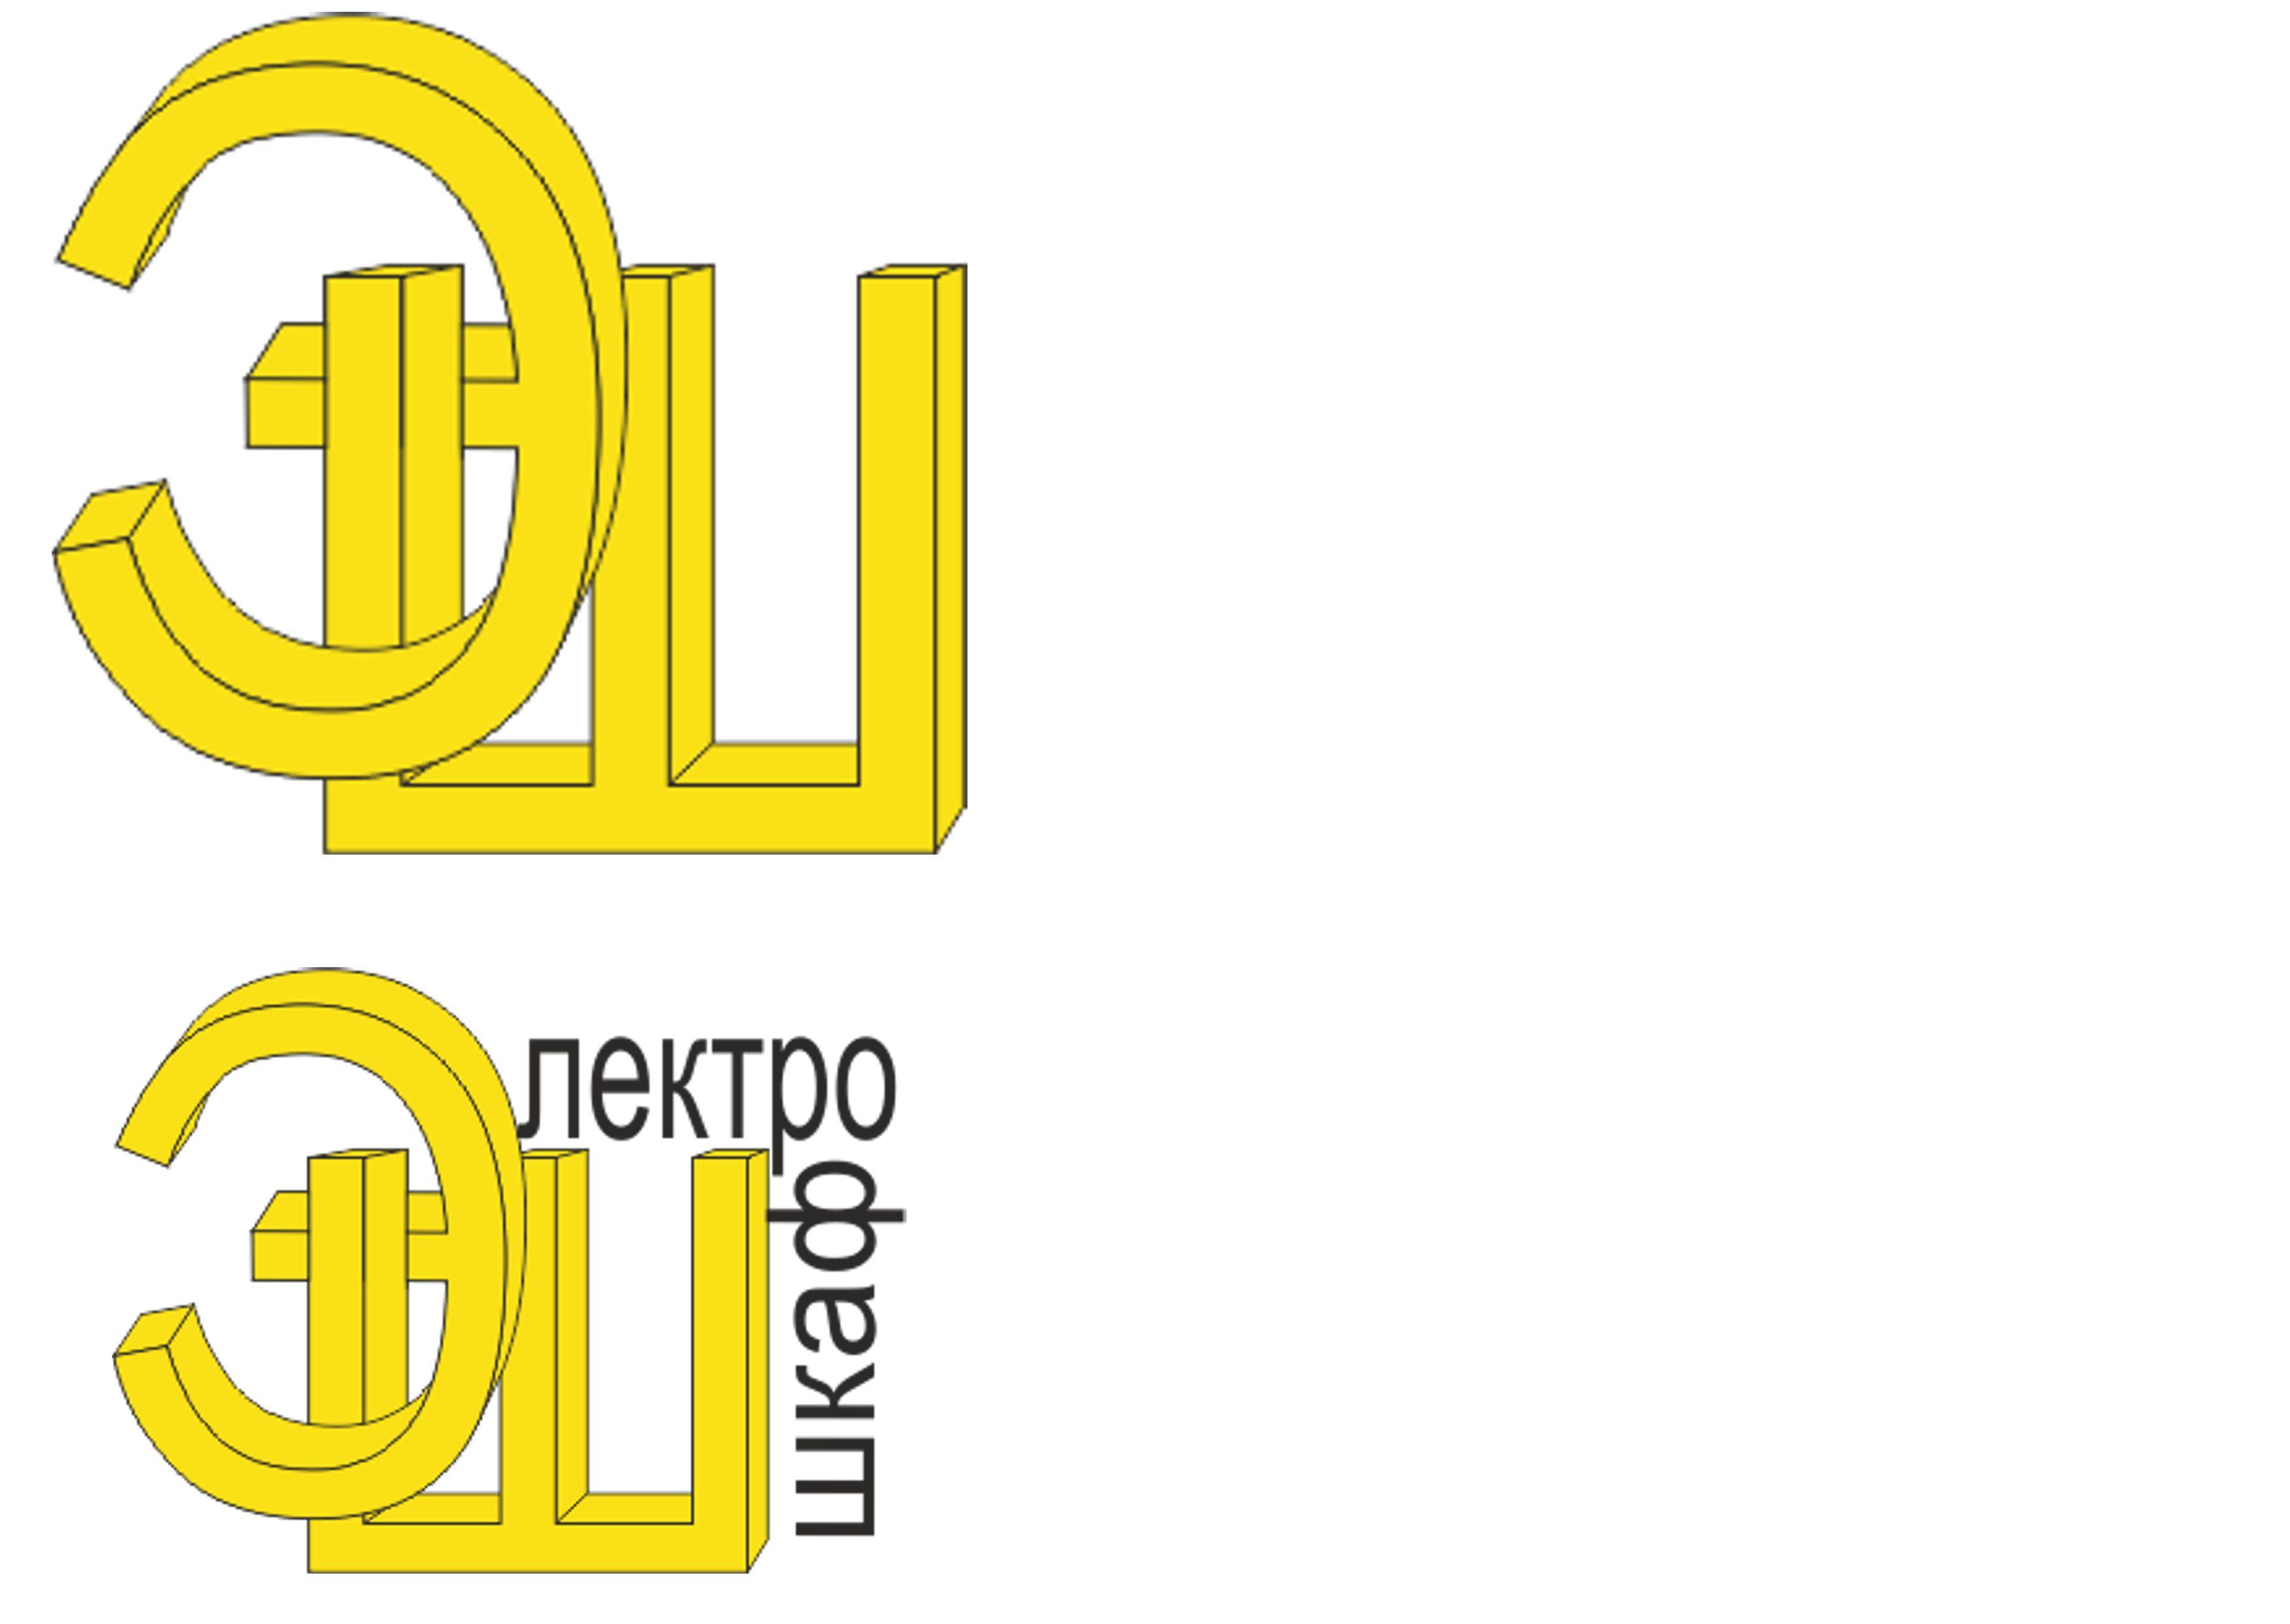 Разработать логотип для завода по производству электрощитов фото f_0405b6e67a142b29.jpg